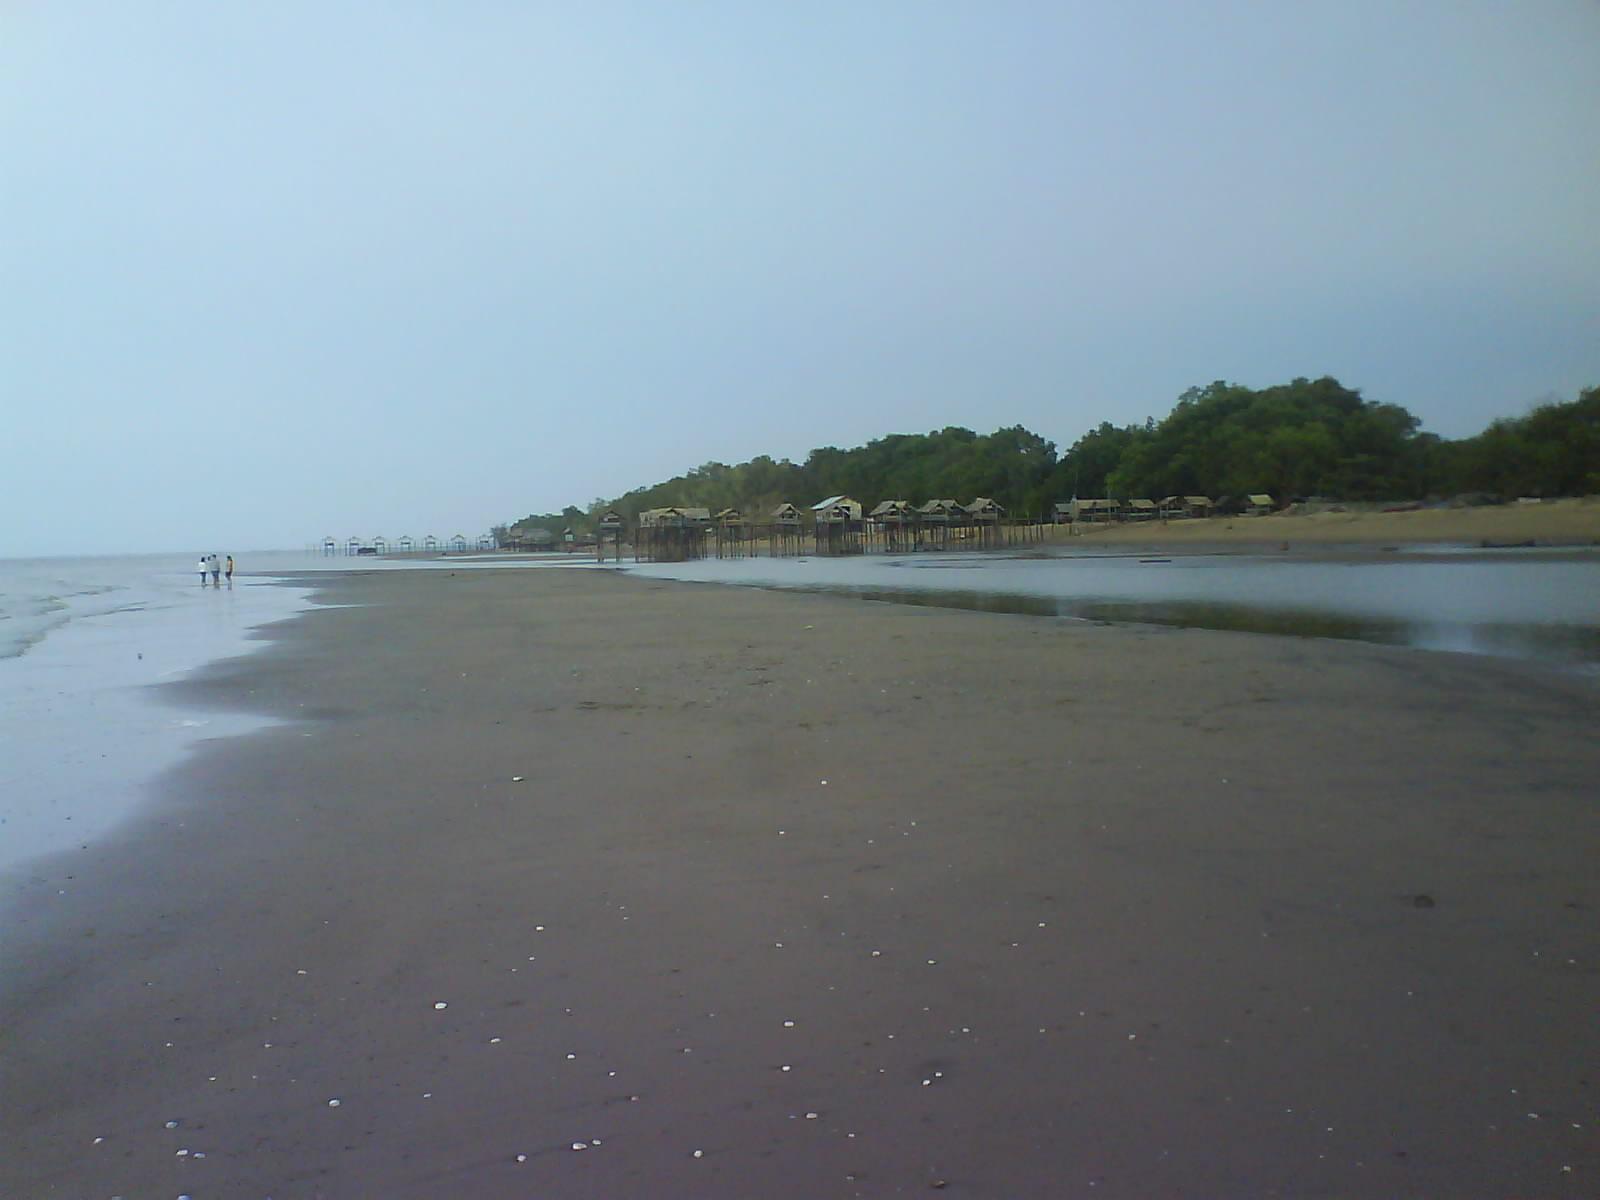 Pantai Tanjung Belandang Kalimantan Barat Menikmati Pemandangan di Atas Gazebo